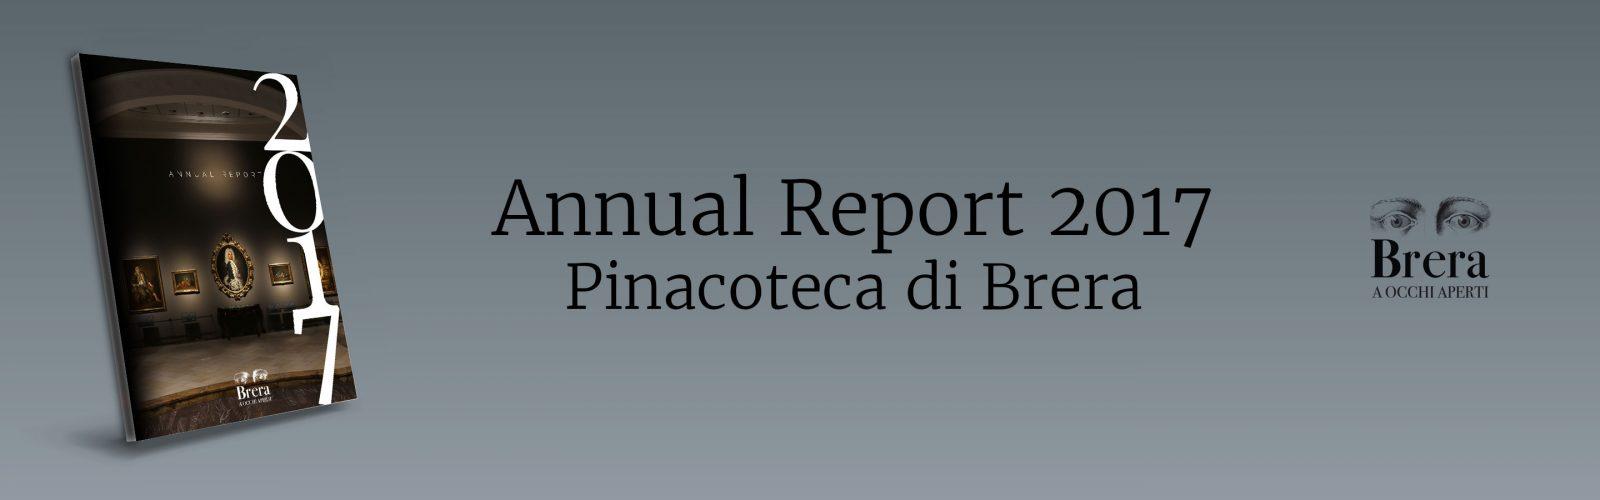 Che cosa ha a che fare  un <em>Annual Report</em> con una farfalla?